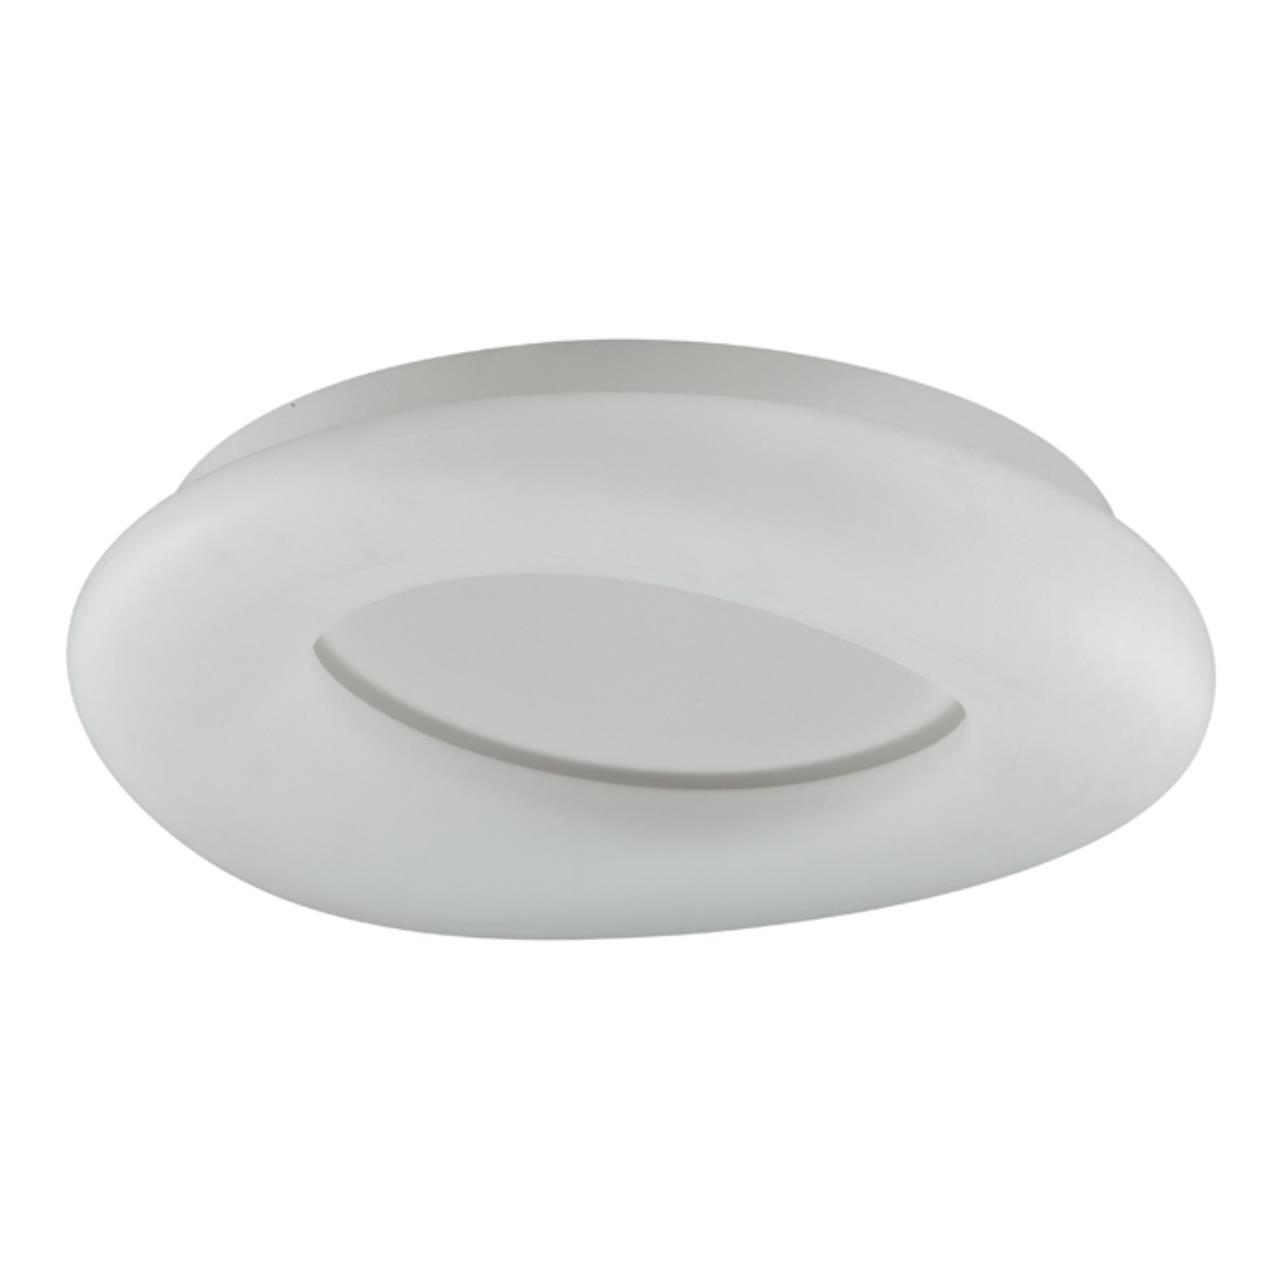 4068/40CL L-VISION ODL19 91 белый Люстра потолочная с ДУ LED 40W 220V AURA